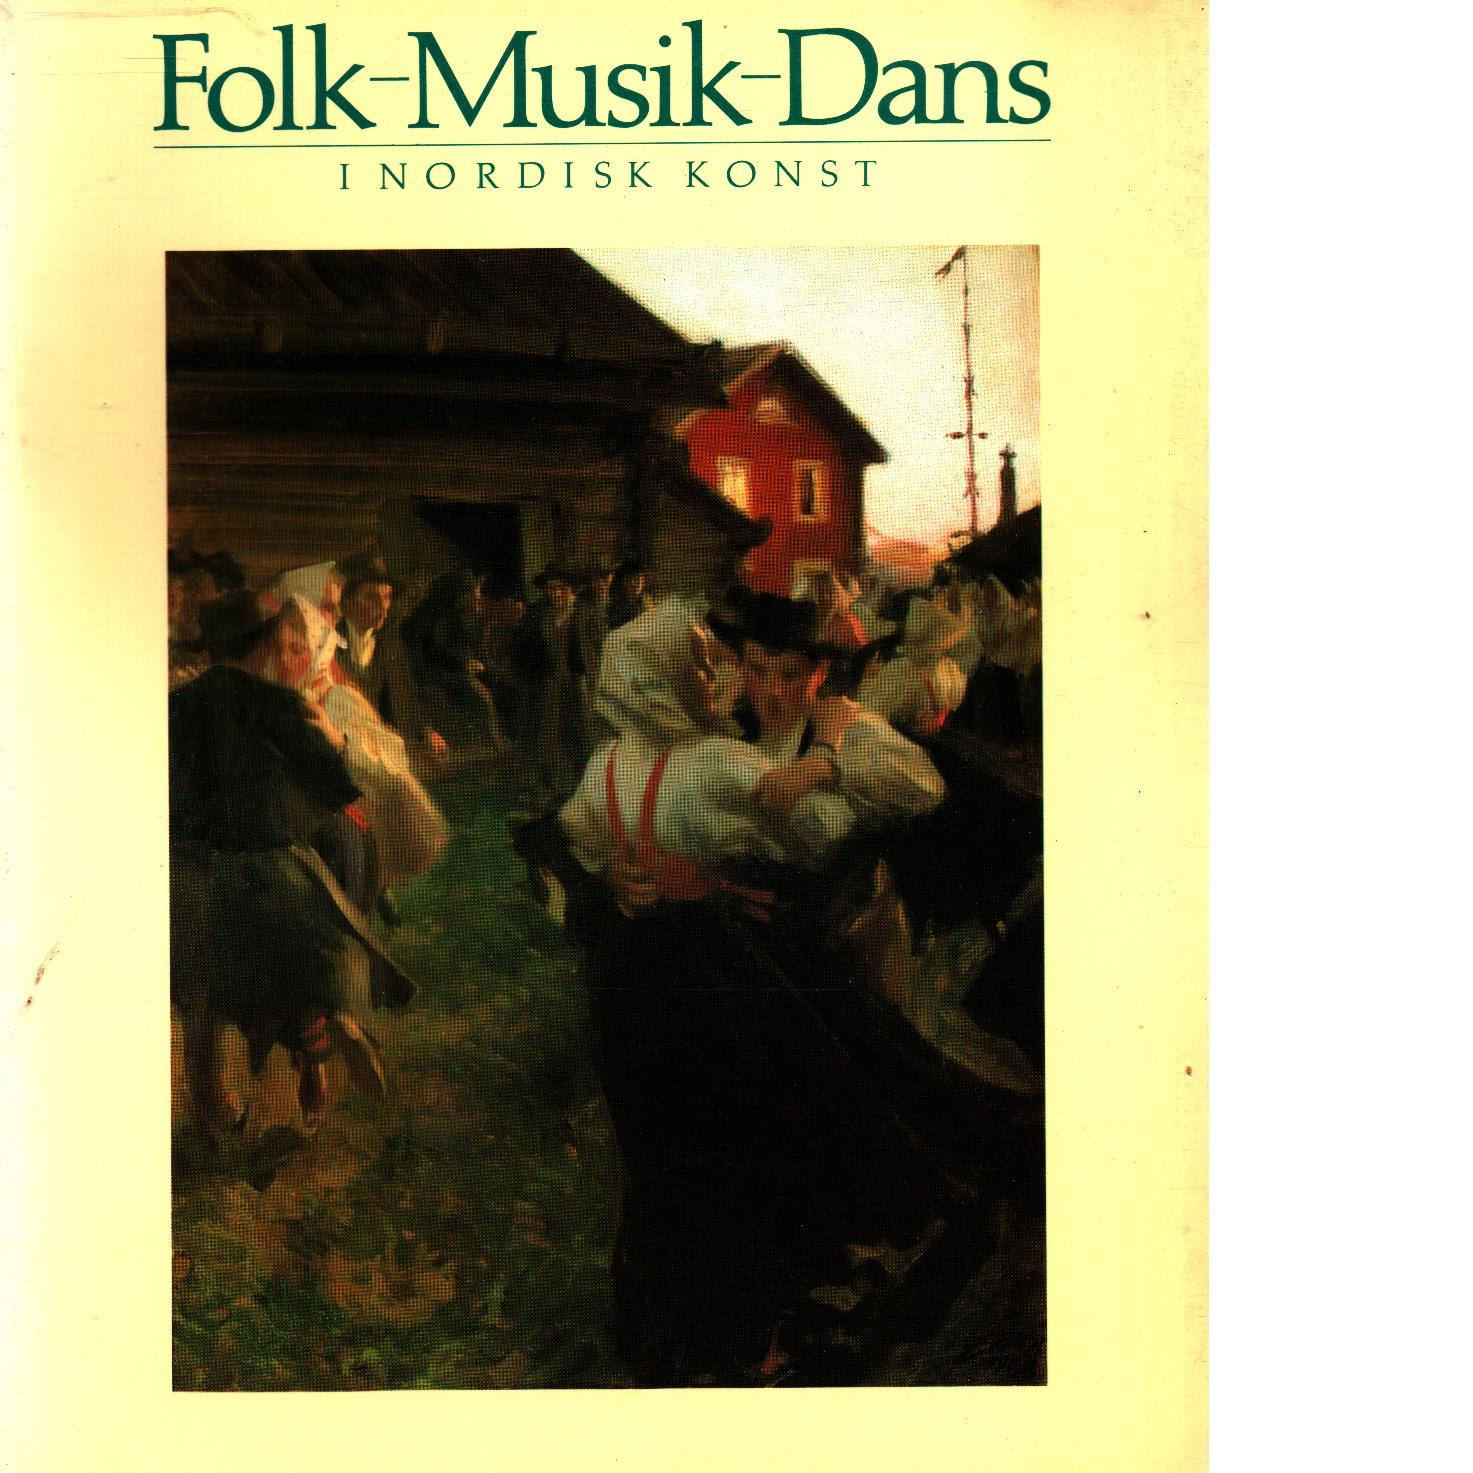 Folk - musik - dans i nordisk konst - Red.